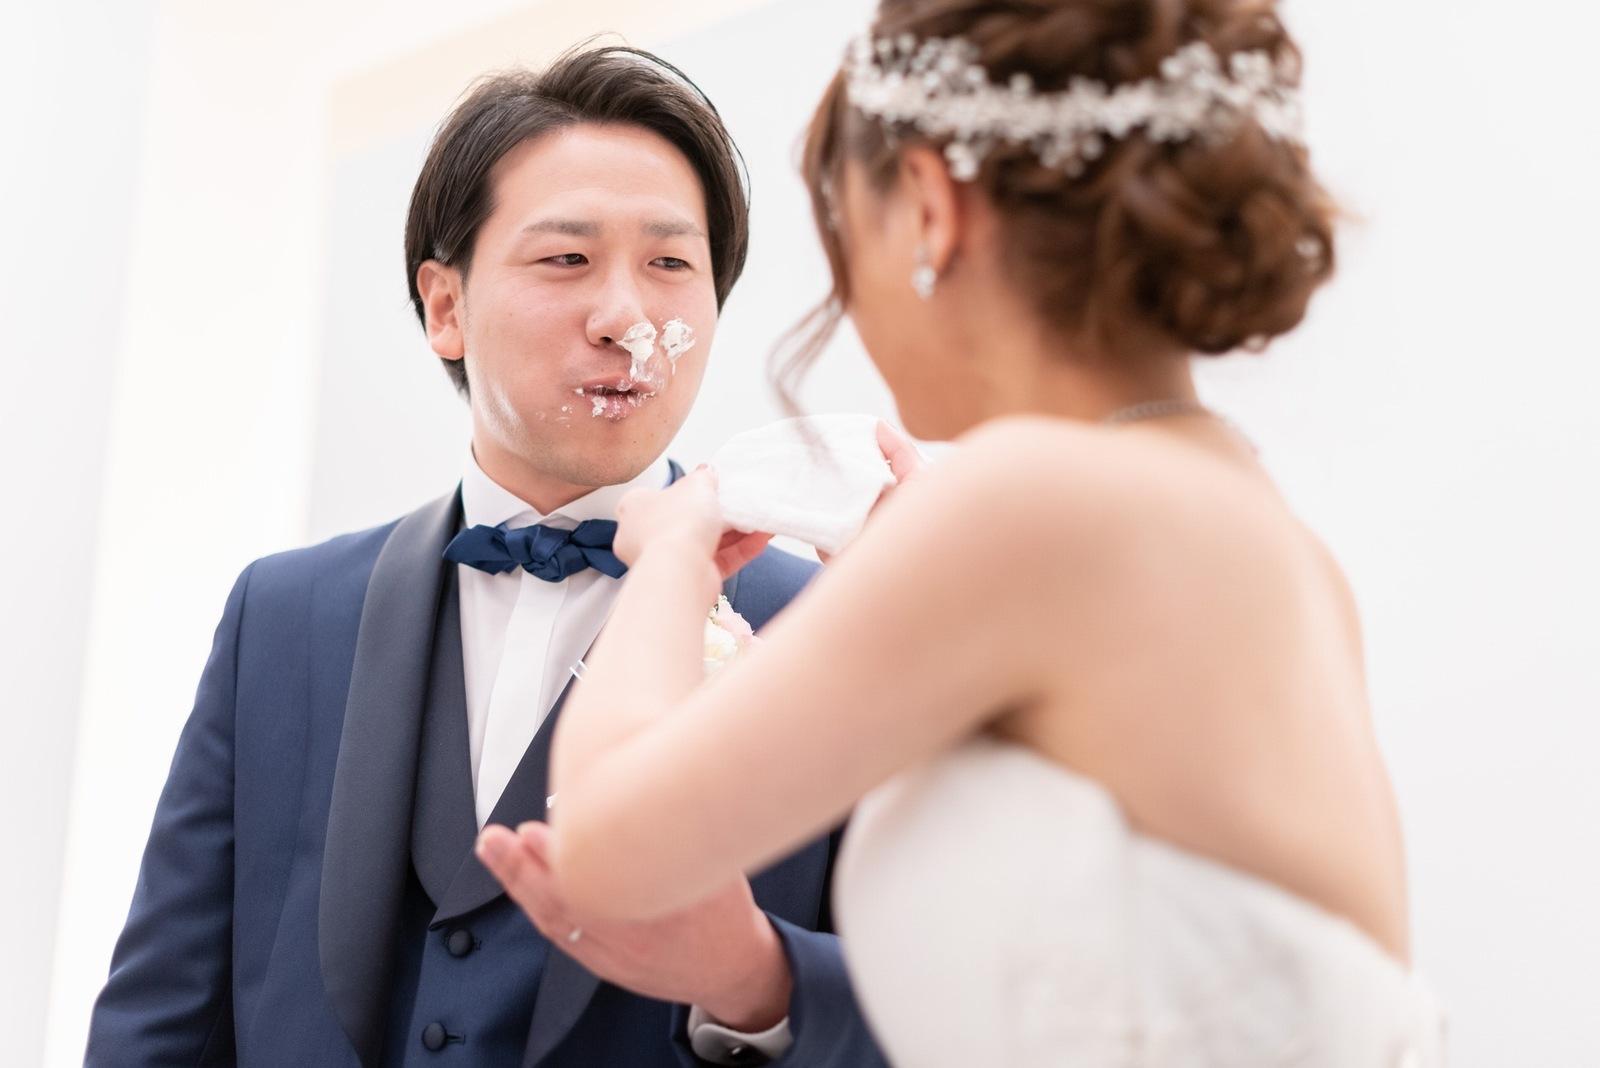 香川県の結婚式場のシェルエメール&アイスタイル ビッグスプーンでのファーストバイト